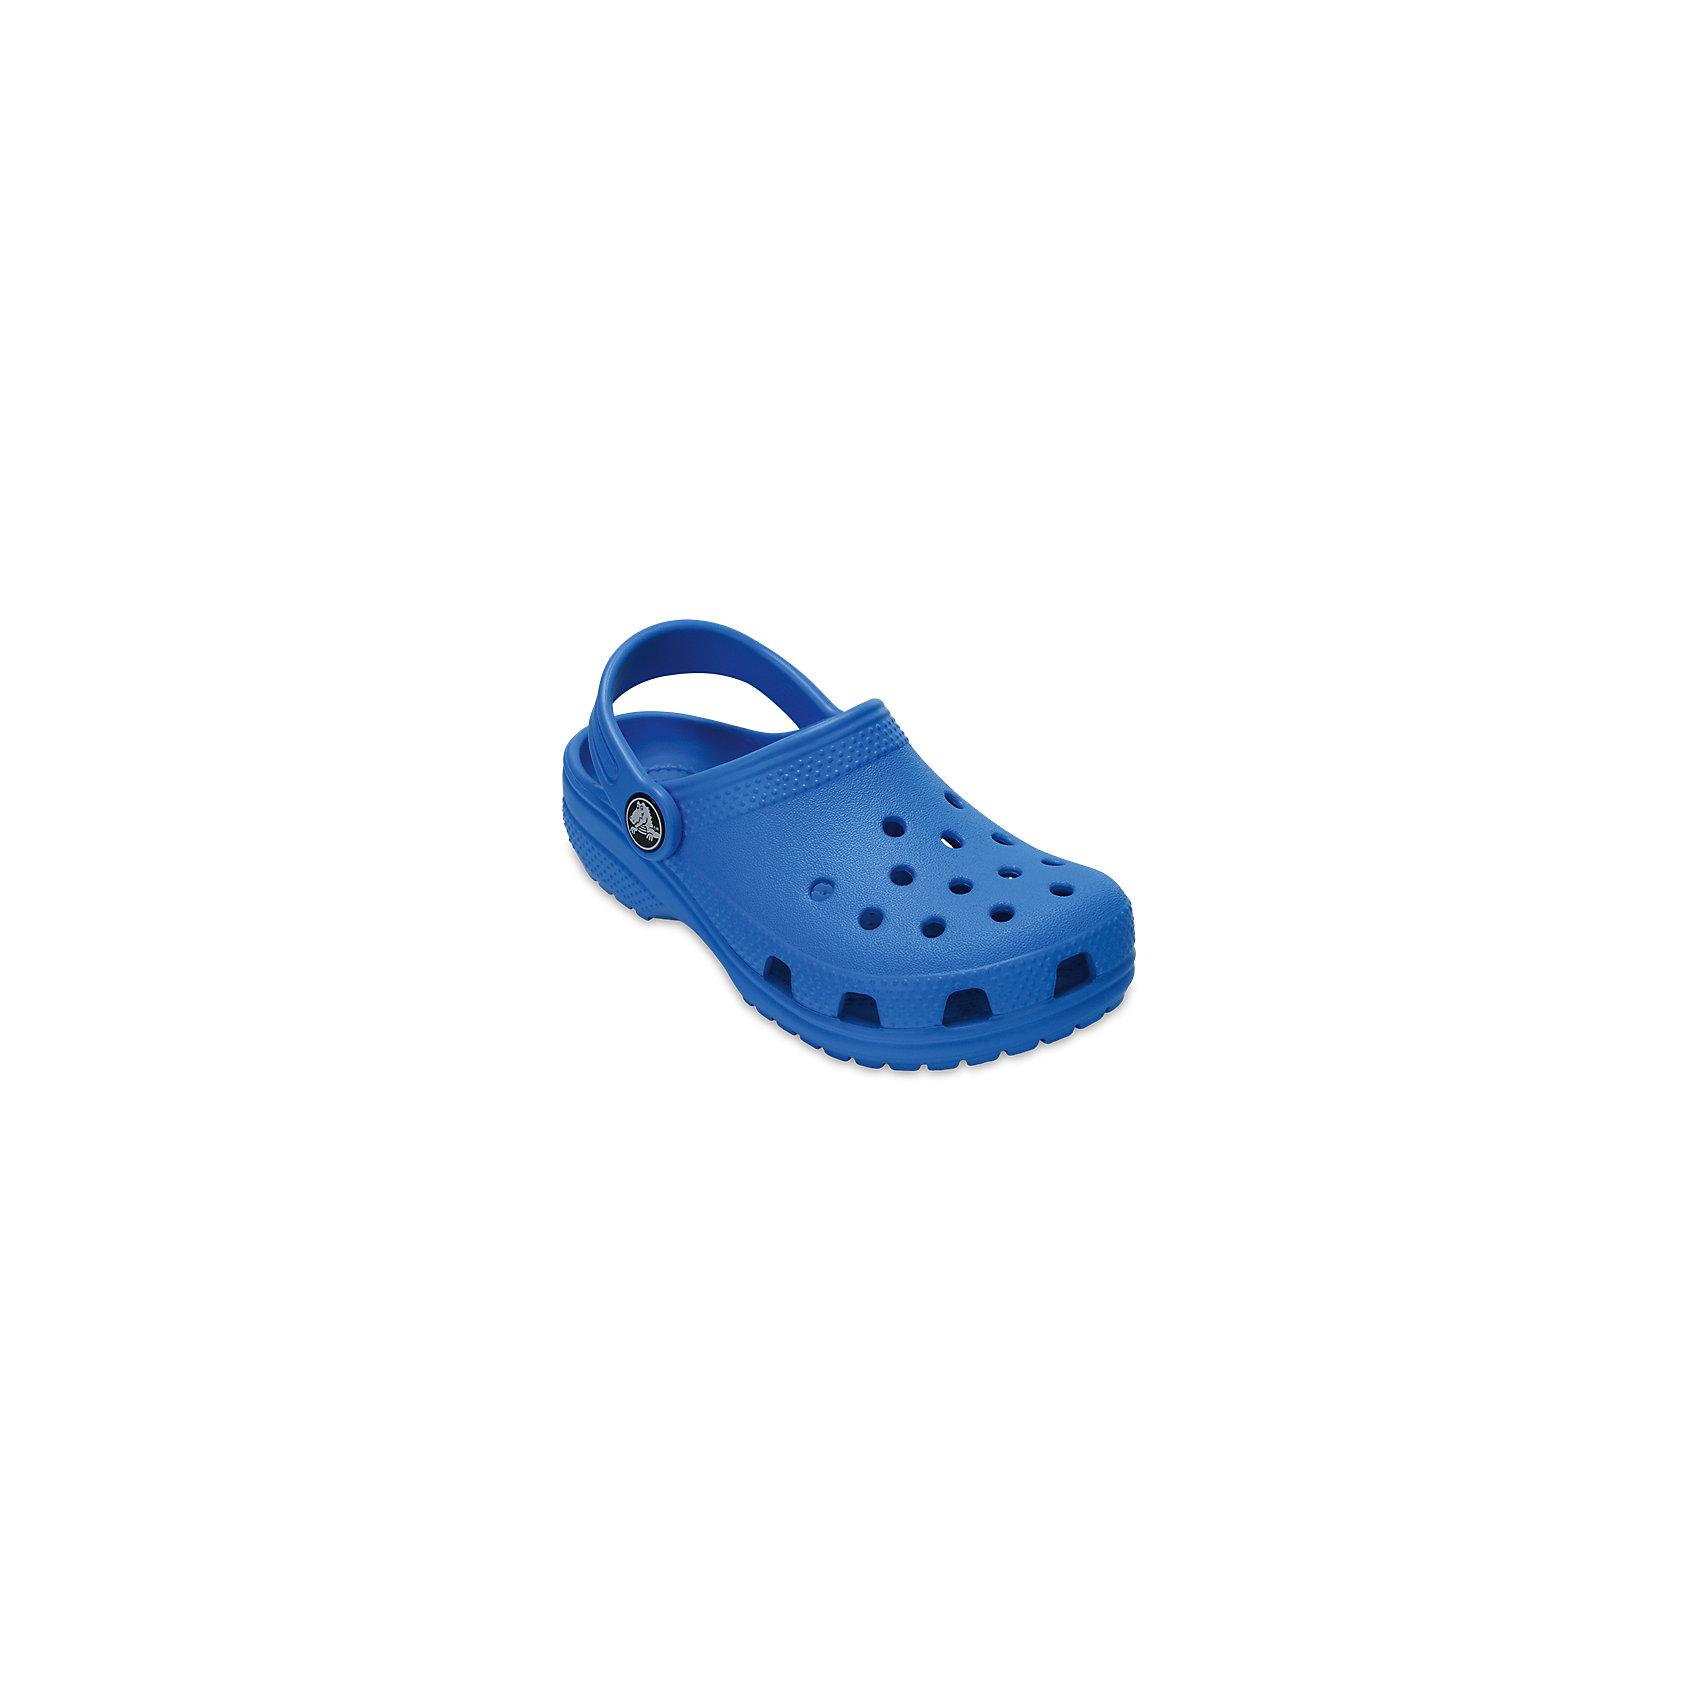 Сабо Classic clog, CROCSПляжная обувь<br>Характеристики товара:<br><br>• цвет: синий<br>• сезон: лето<br>• тип: пляжная обувь<br>• материал: 100% полимер Croslite™<br>• литая модель<br>• вентиляционные отверстия<br>• бактериостатичный материал<br>• пяточный ремешок фиксирует стопу<br>• толстая устойчивая подошва<br>• отверстия для использования украшений<br>• анатомическая стелька с массажными точками<br>• страна бренда: США<br>• страна изготовитель: Китай<br><br>Сабо Classic clog обеспечивают детям необходимый комфорт, а анатомическая стелька с массажными линиями для стимуляции кровообращения позволяет ножкам дольше не уставать. <br><br>Материал, из которого они сделаны, не дает размножаться бактериям, поэтому такая обувь препятствует образованию неприятного запаха и появлению болезней стоп. <br><br>Обувь от американского бренда Crocs в данный момент завоевала широкую популярность во всем мире, и это не удивительно - ведь она невероятно удобна. <br><br>Сабо Classic clog от торговой марки Crocs можно купить в нашем интернет-магазине.<br><br>Ширина мм: 225<br>Глубина мм: 139<br>Высота мм: 112<br>Вес г: 290<br>Цвет: голубой<br>Возраст от месяцев: 48<br>Возраст до месяцев: 60<br>Пол: Унисекс<br>Возраст: Детский<br>Размер: 28,29,30,21,22,23,24,25,26,31/32,33/34,34/35,27<br>SKU: 5416414